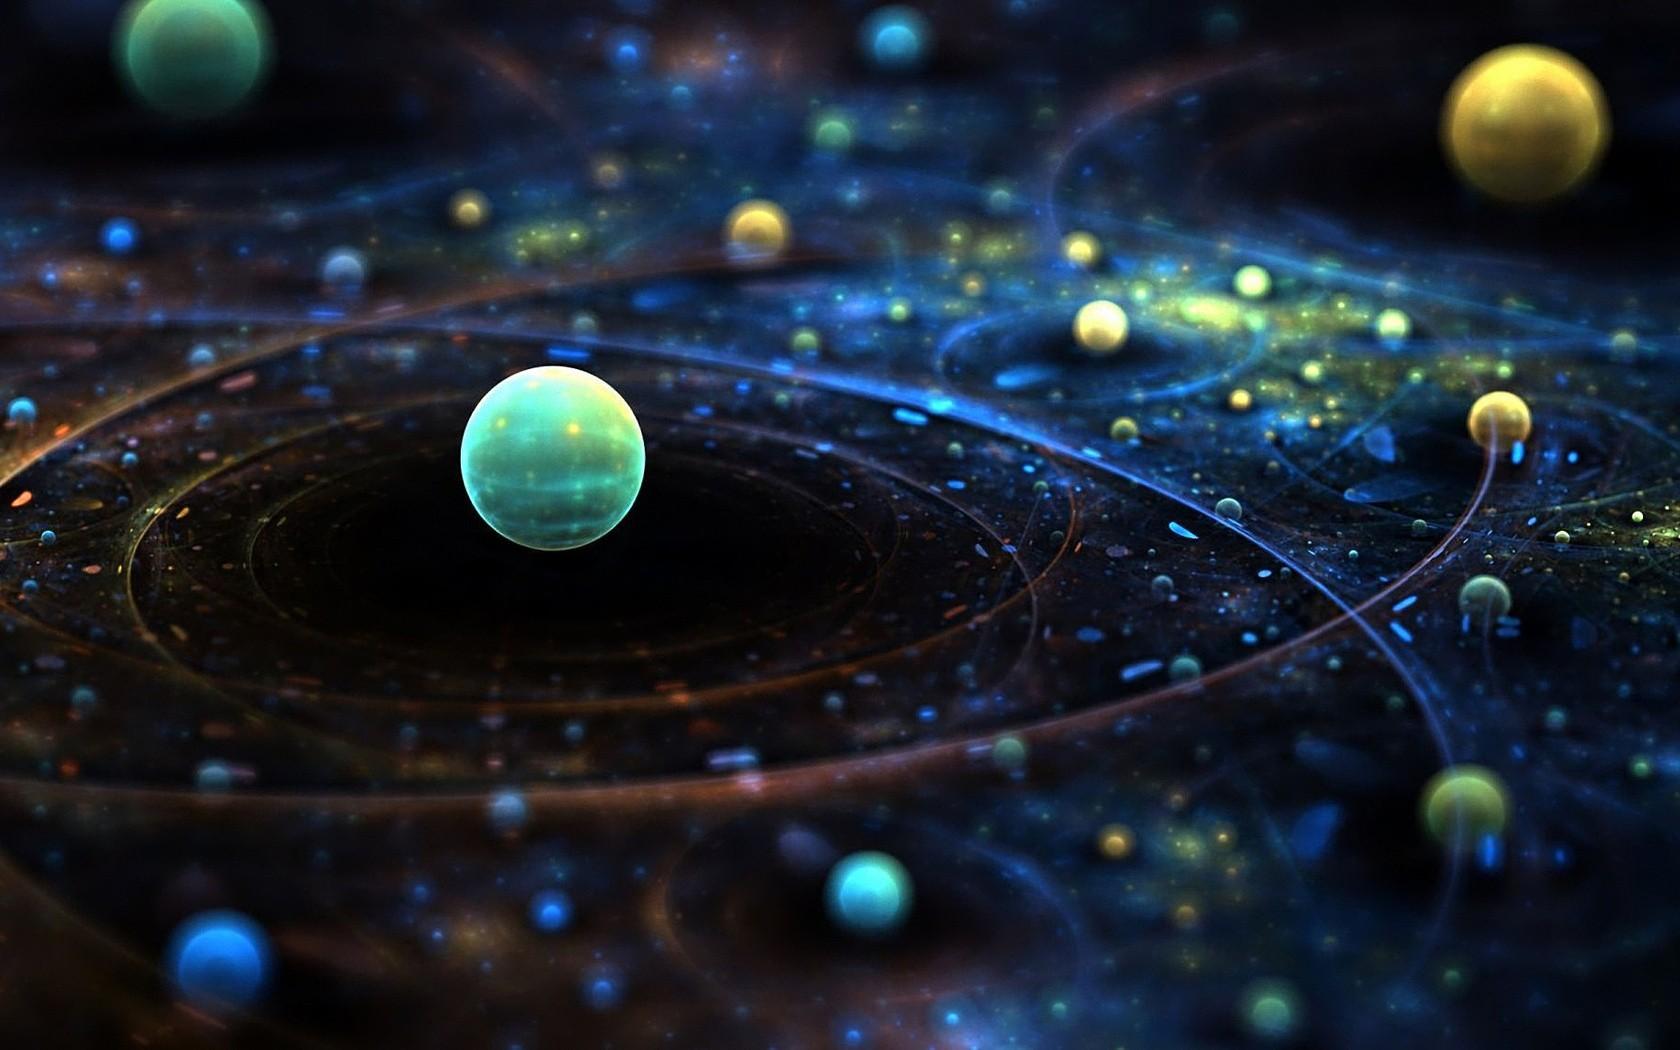 Специалисты NASA готовятся подтвердить информацию о существовании внеземной жизни